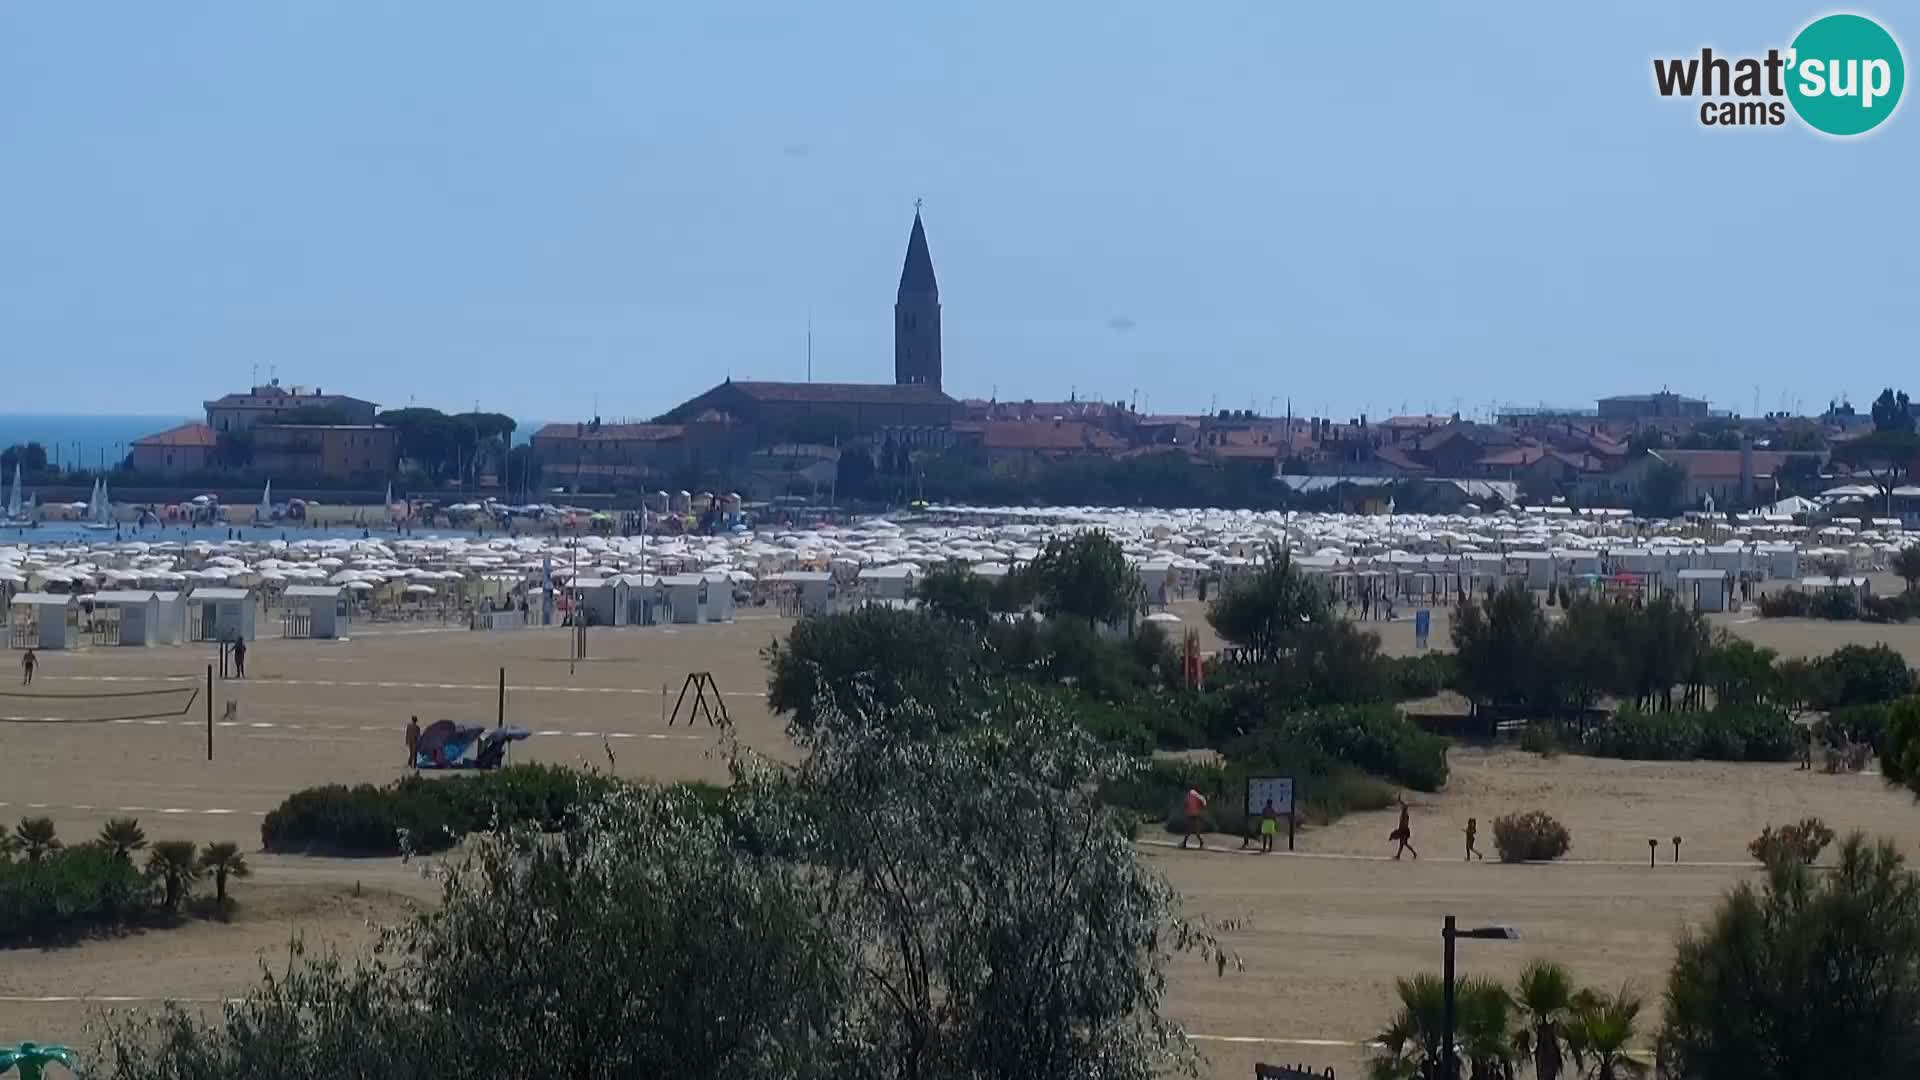 Camera en vivo Caorle – Playa Levante – Hotel Alexander